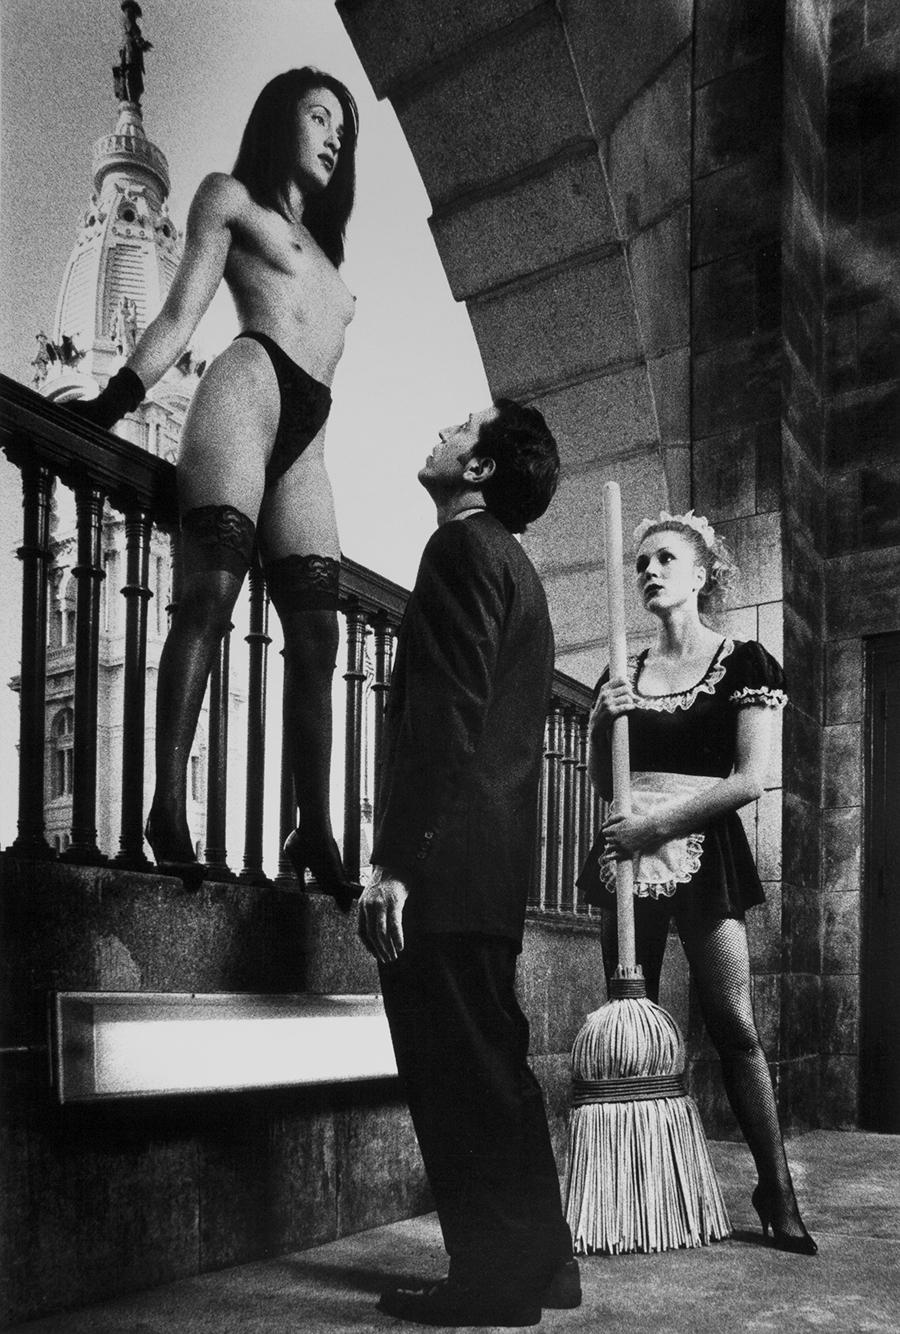 Tony_Ward_early_work_tableaux_vivants_city_hall_balcony_view_nude_maid_executive_fantasy